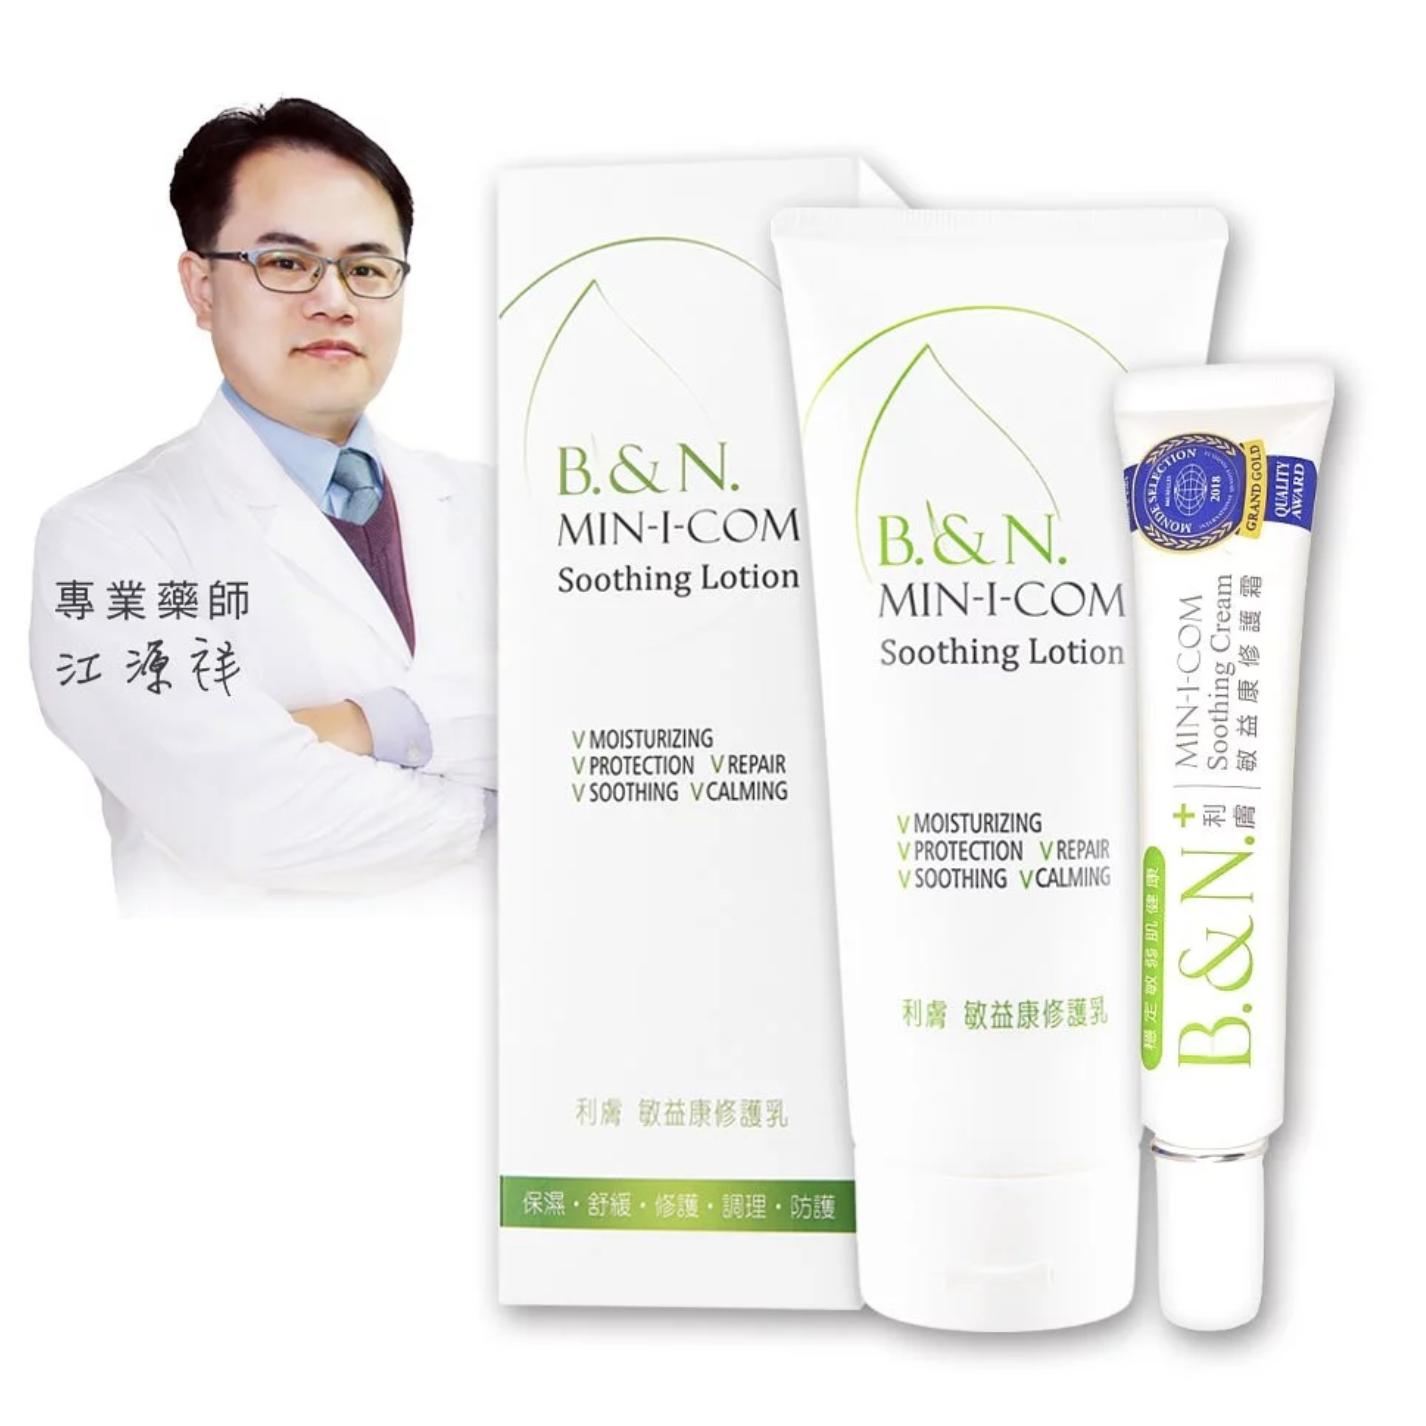 敏益康修護霜和修護乳